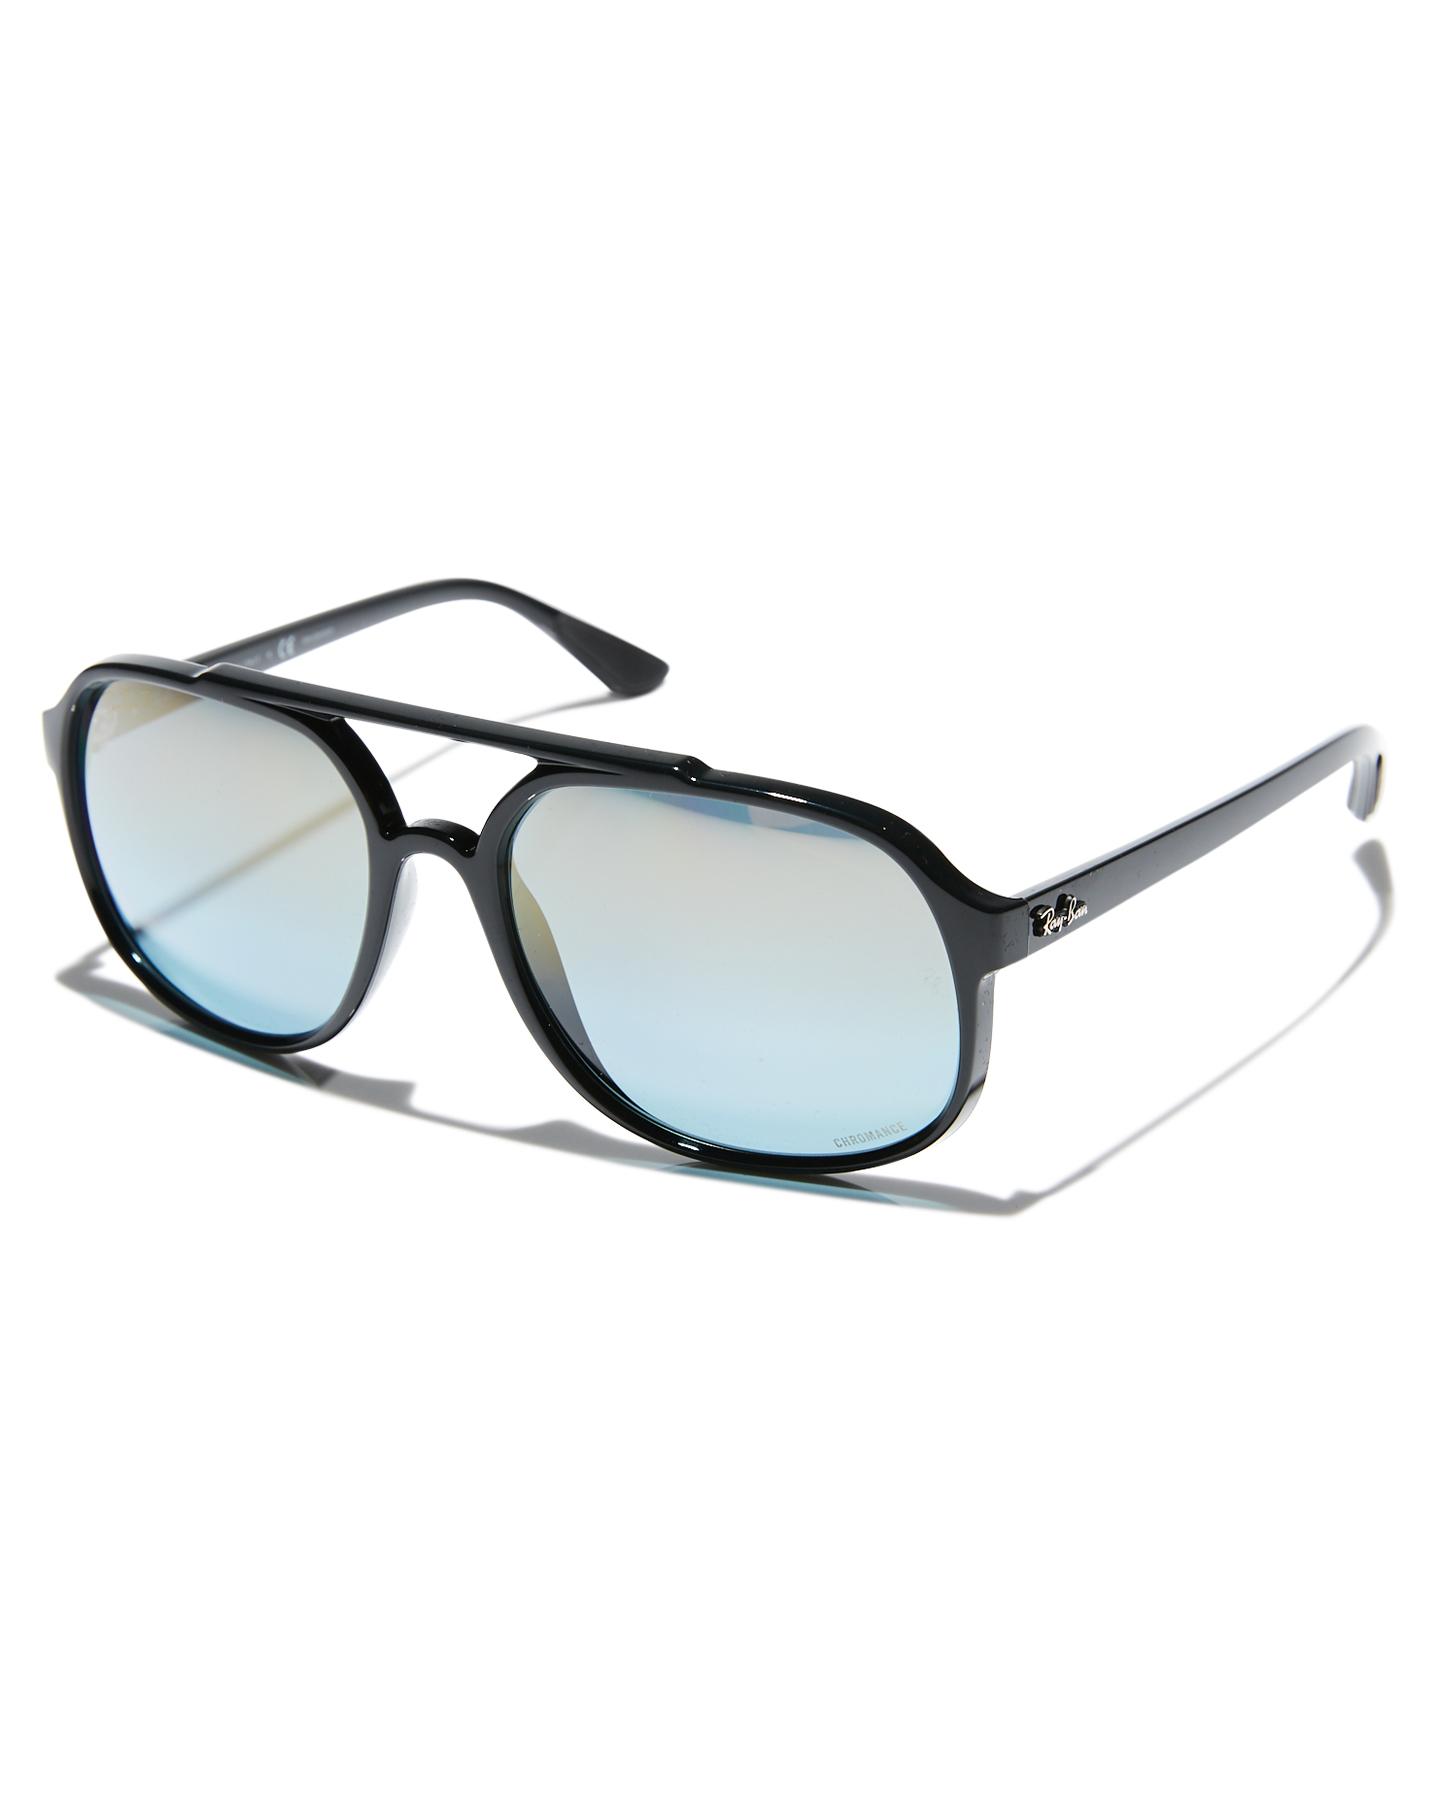 d4e92c383e Ray-Ban Rb4312Ch Sunglasses Black Blue Mirror Mens sunglasses Size ...